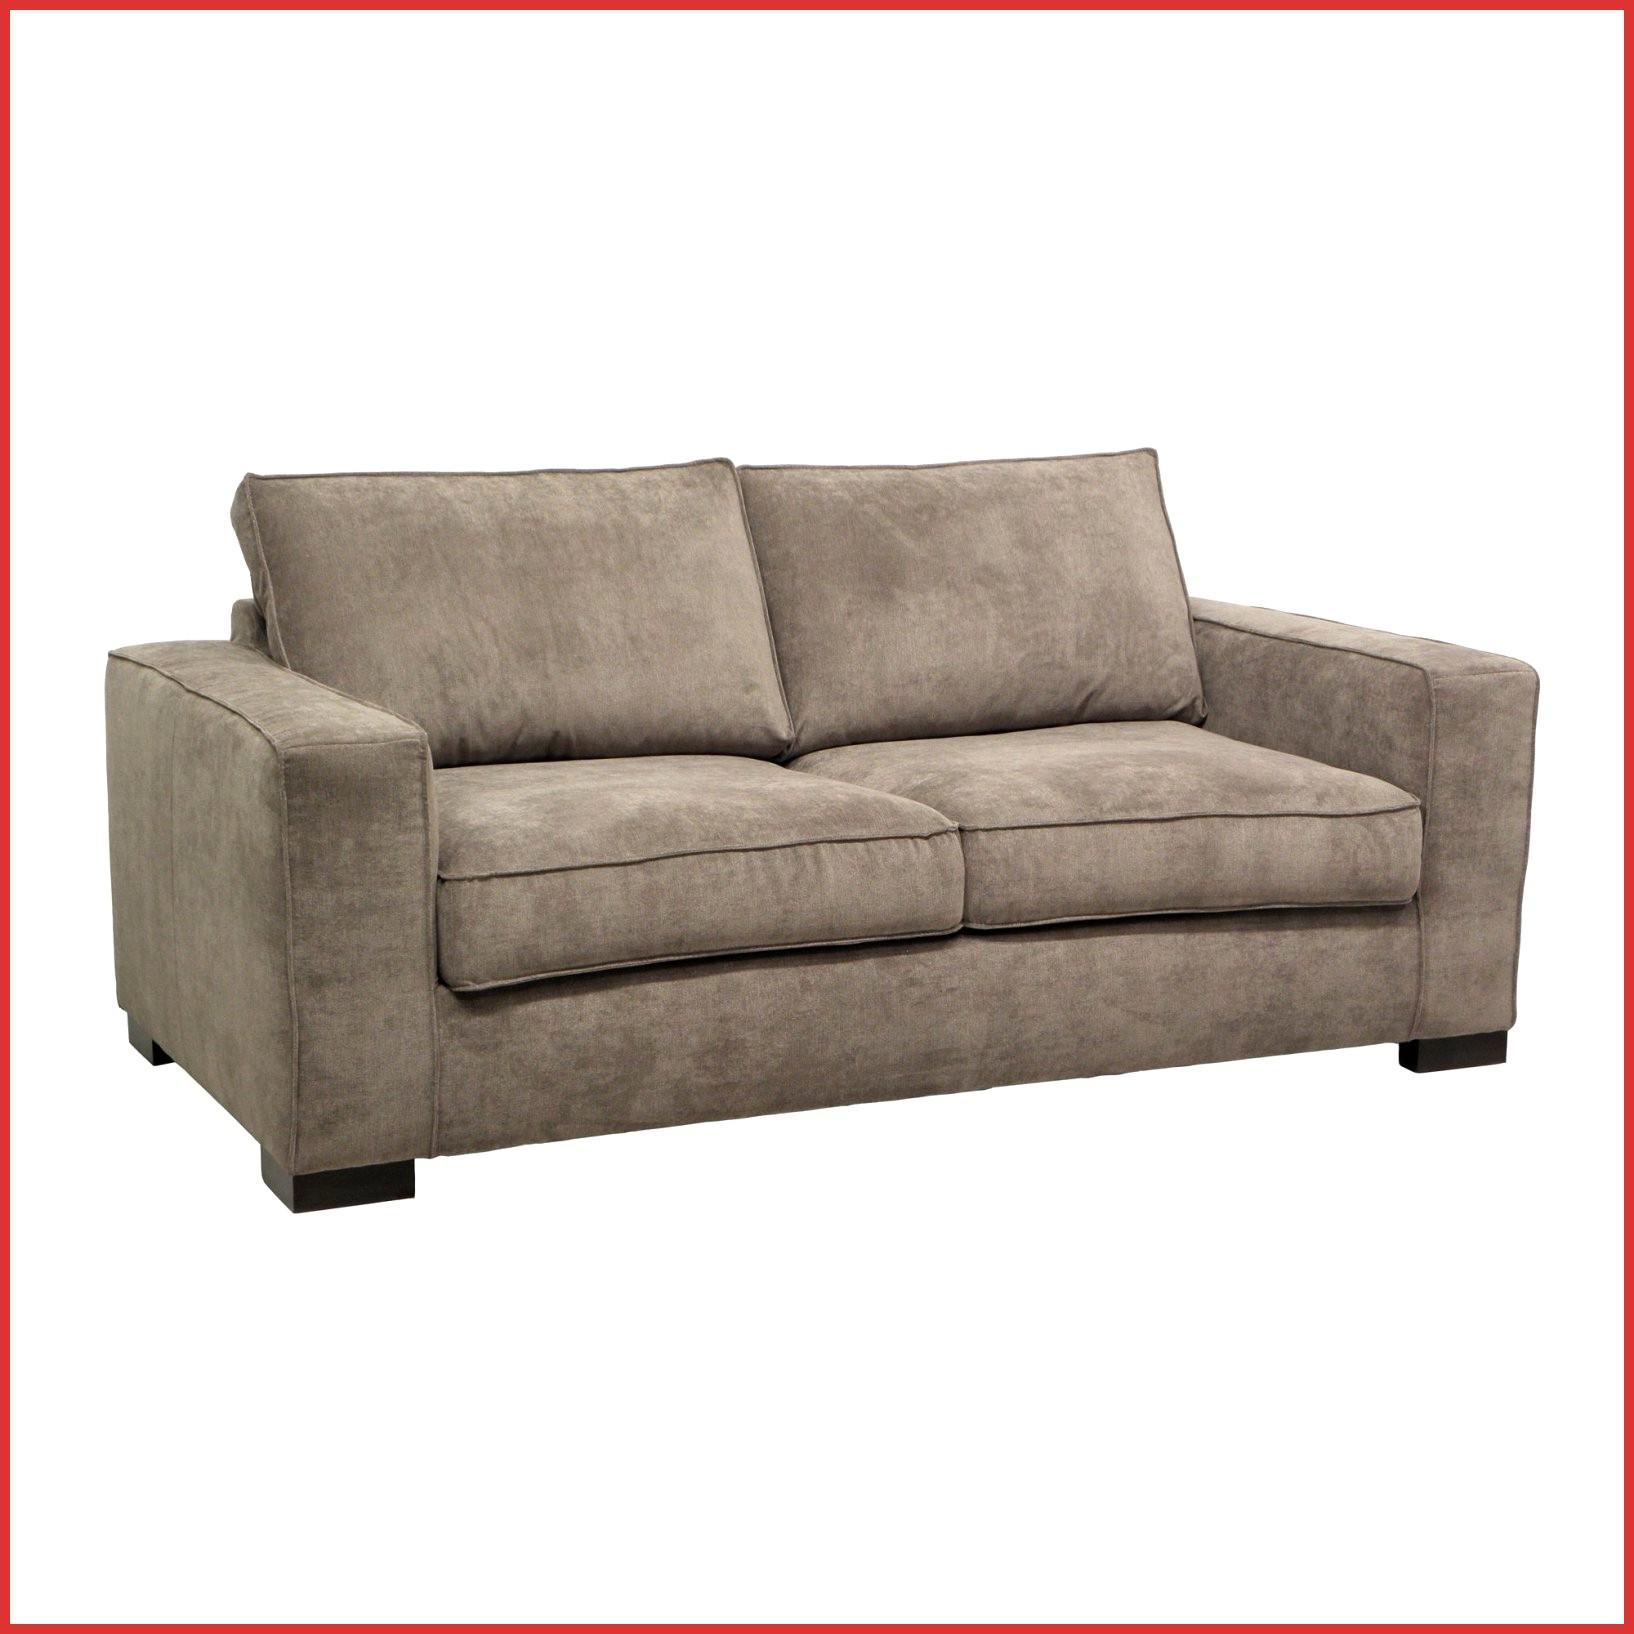 Canapé Lit Pas Cher Conforama Meilleur De Collection Canap Convertible 3 Places Conforama 11 Lit 2 Pas Cher Ikea but